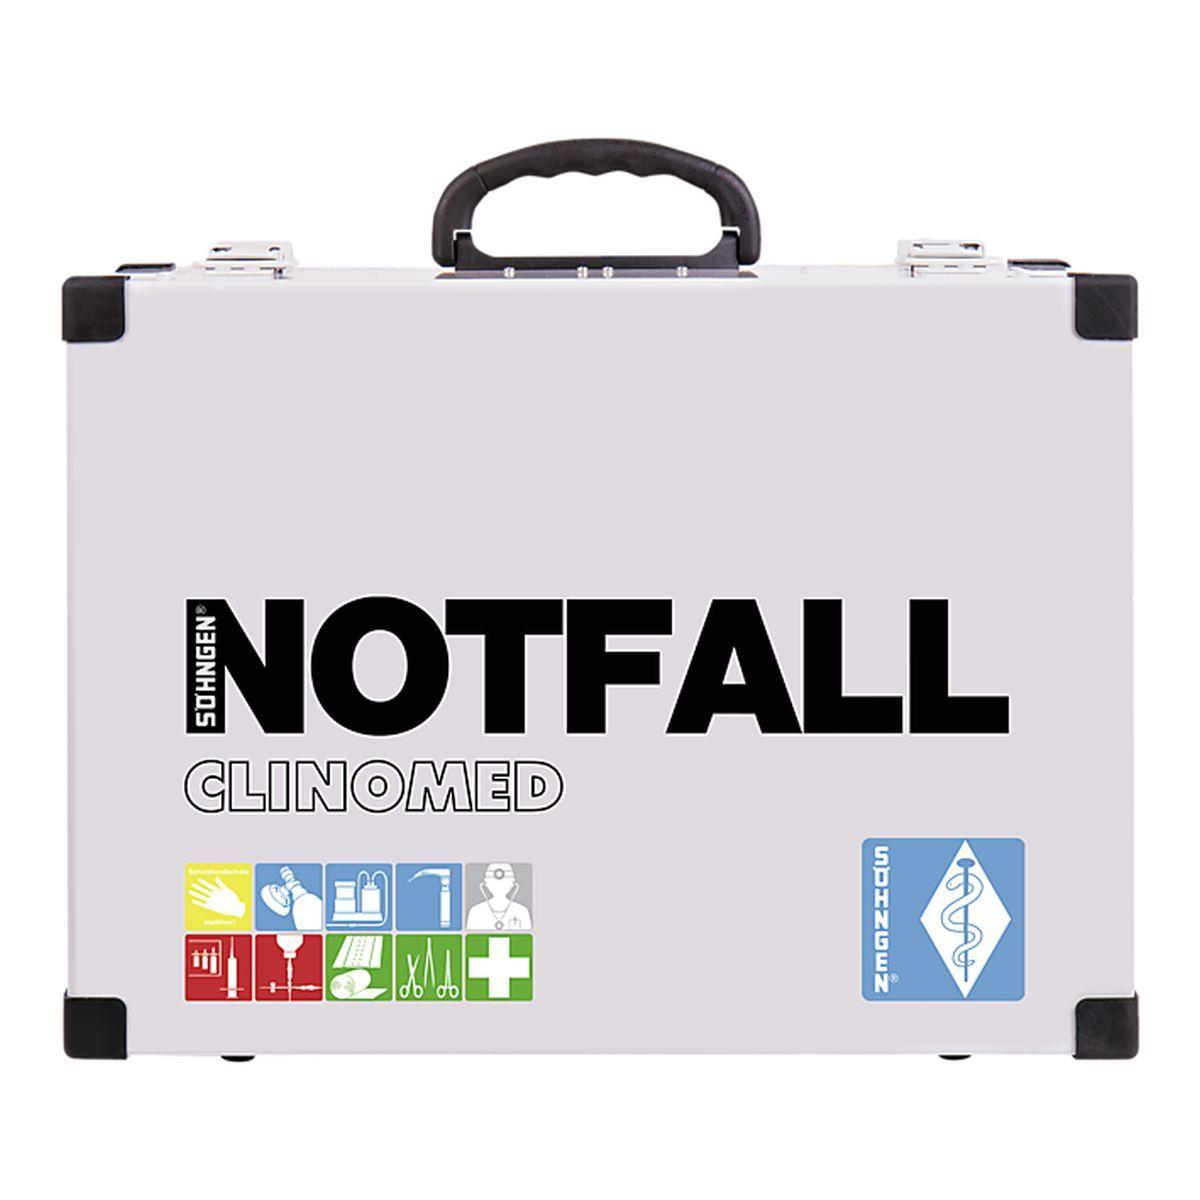 Notfallkoffer CLINOMED Modul A + B